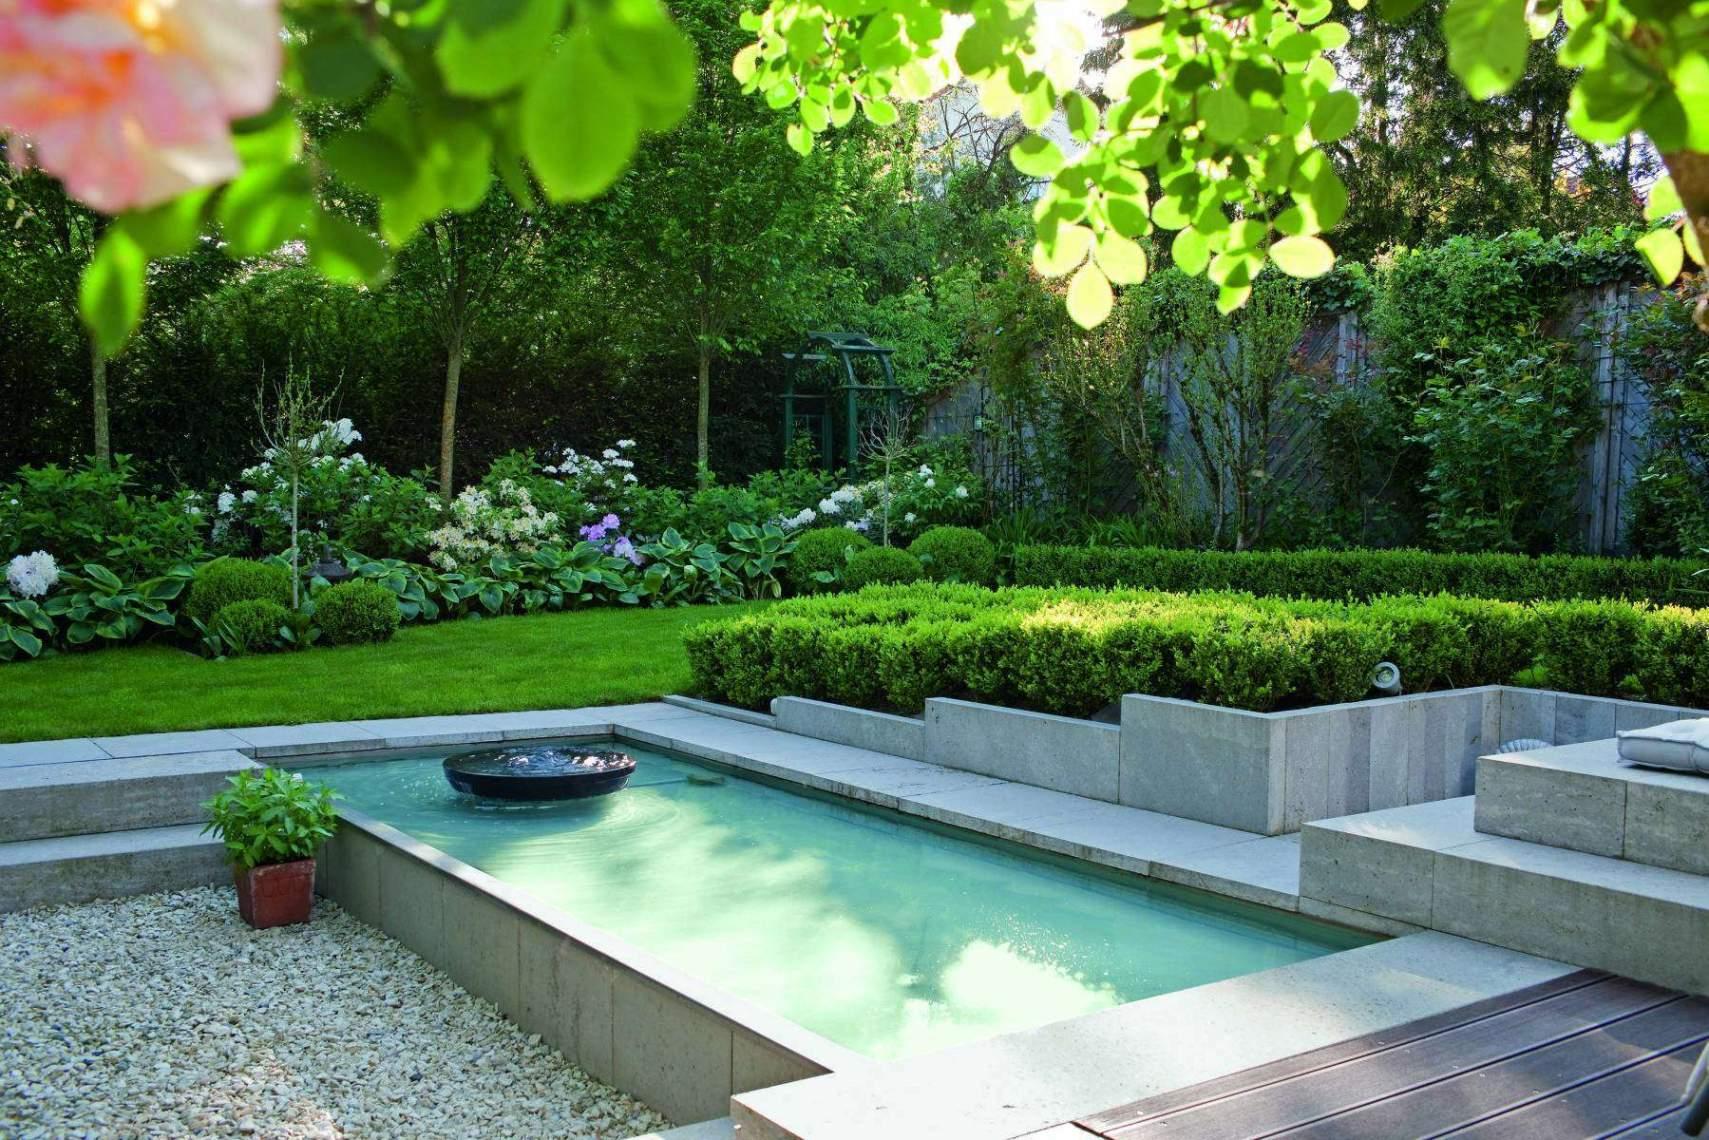 Ideen Für Garten Genial 38 Das Beste Von Schwimmingpool Für Garten Schön